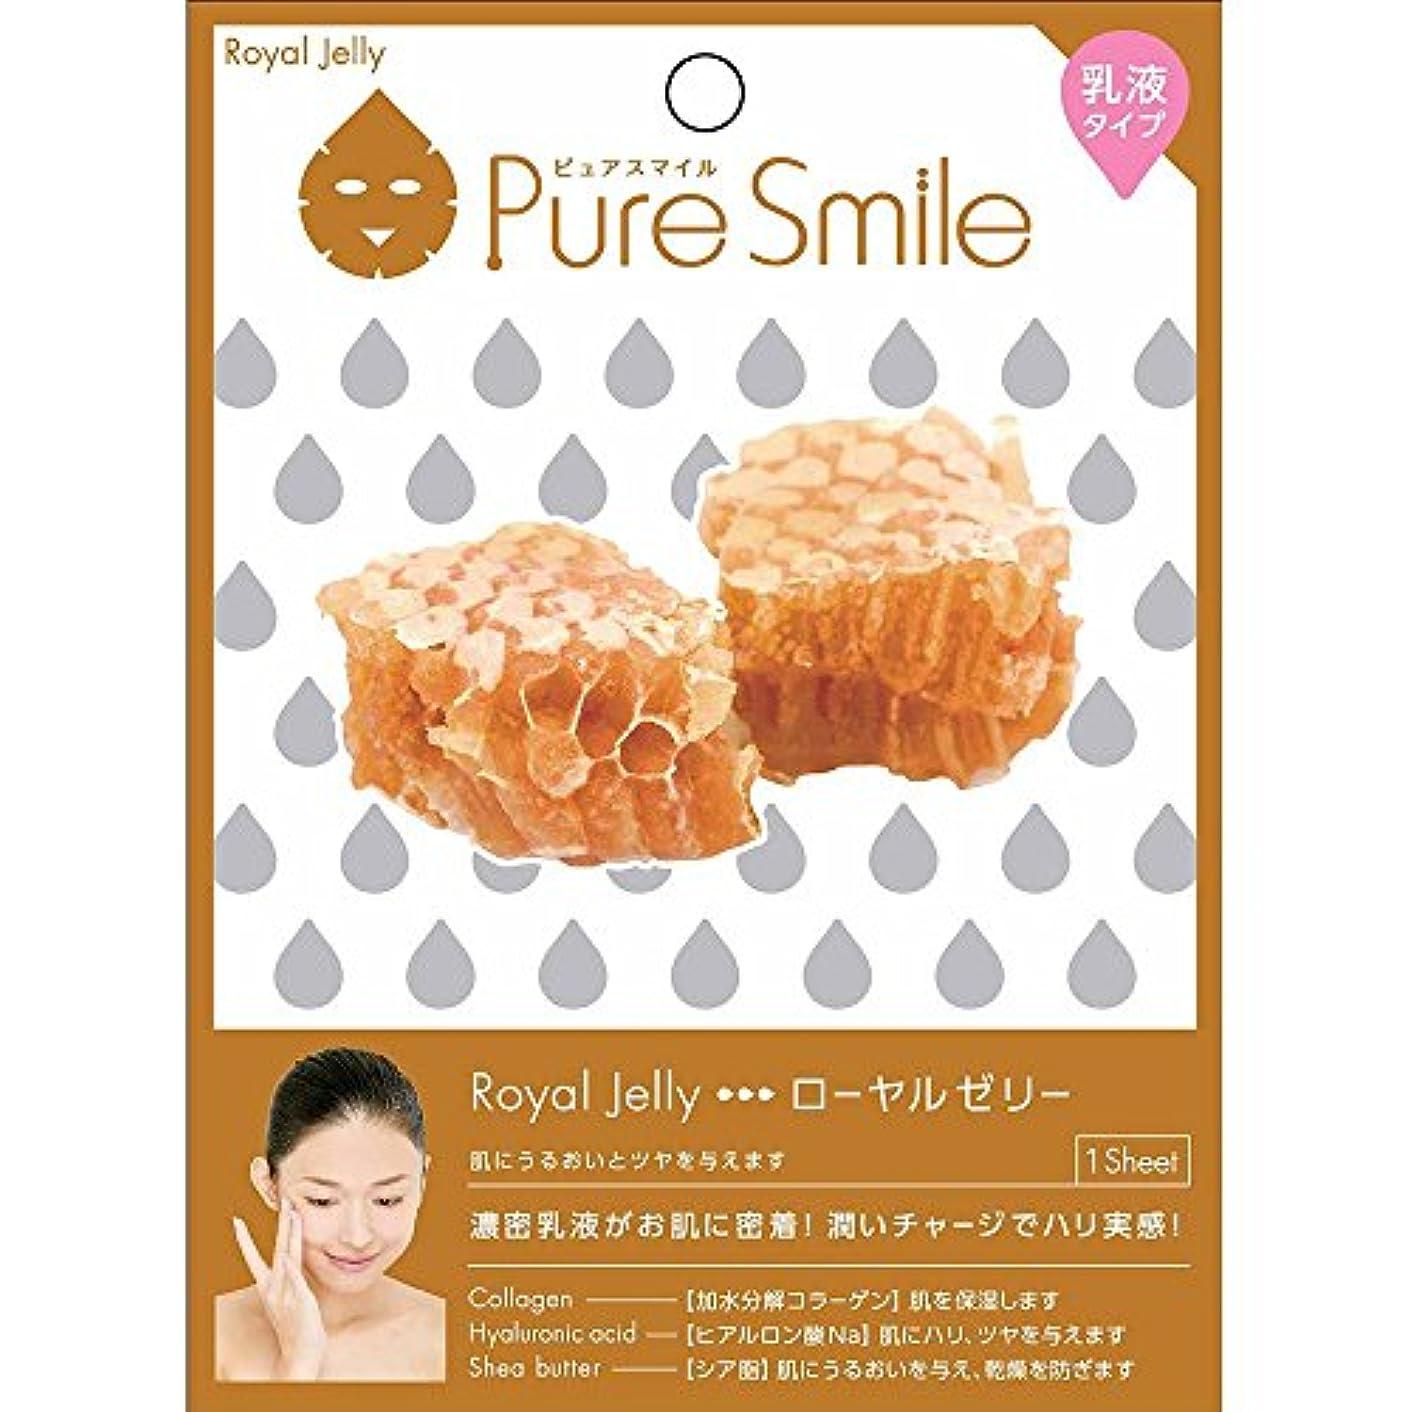 多様体ちょうつがいきゅうりPure Smile(ピュアスマイル) 乳液エッセンスマスク 1 枚 ローヤルゼリー